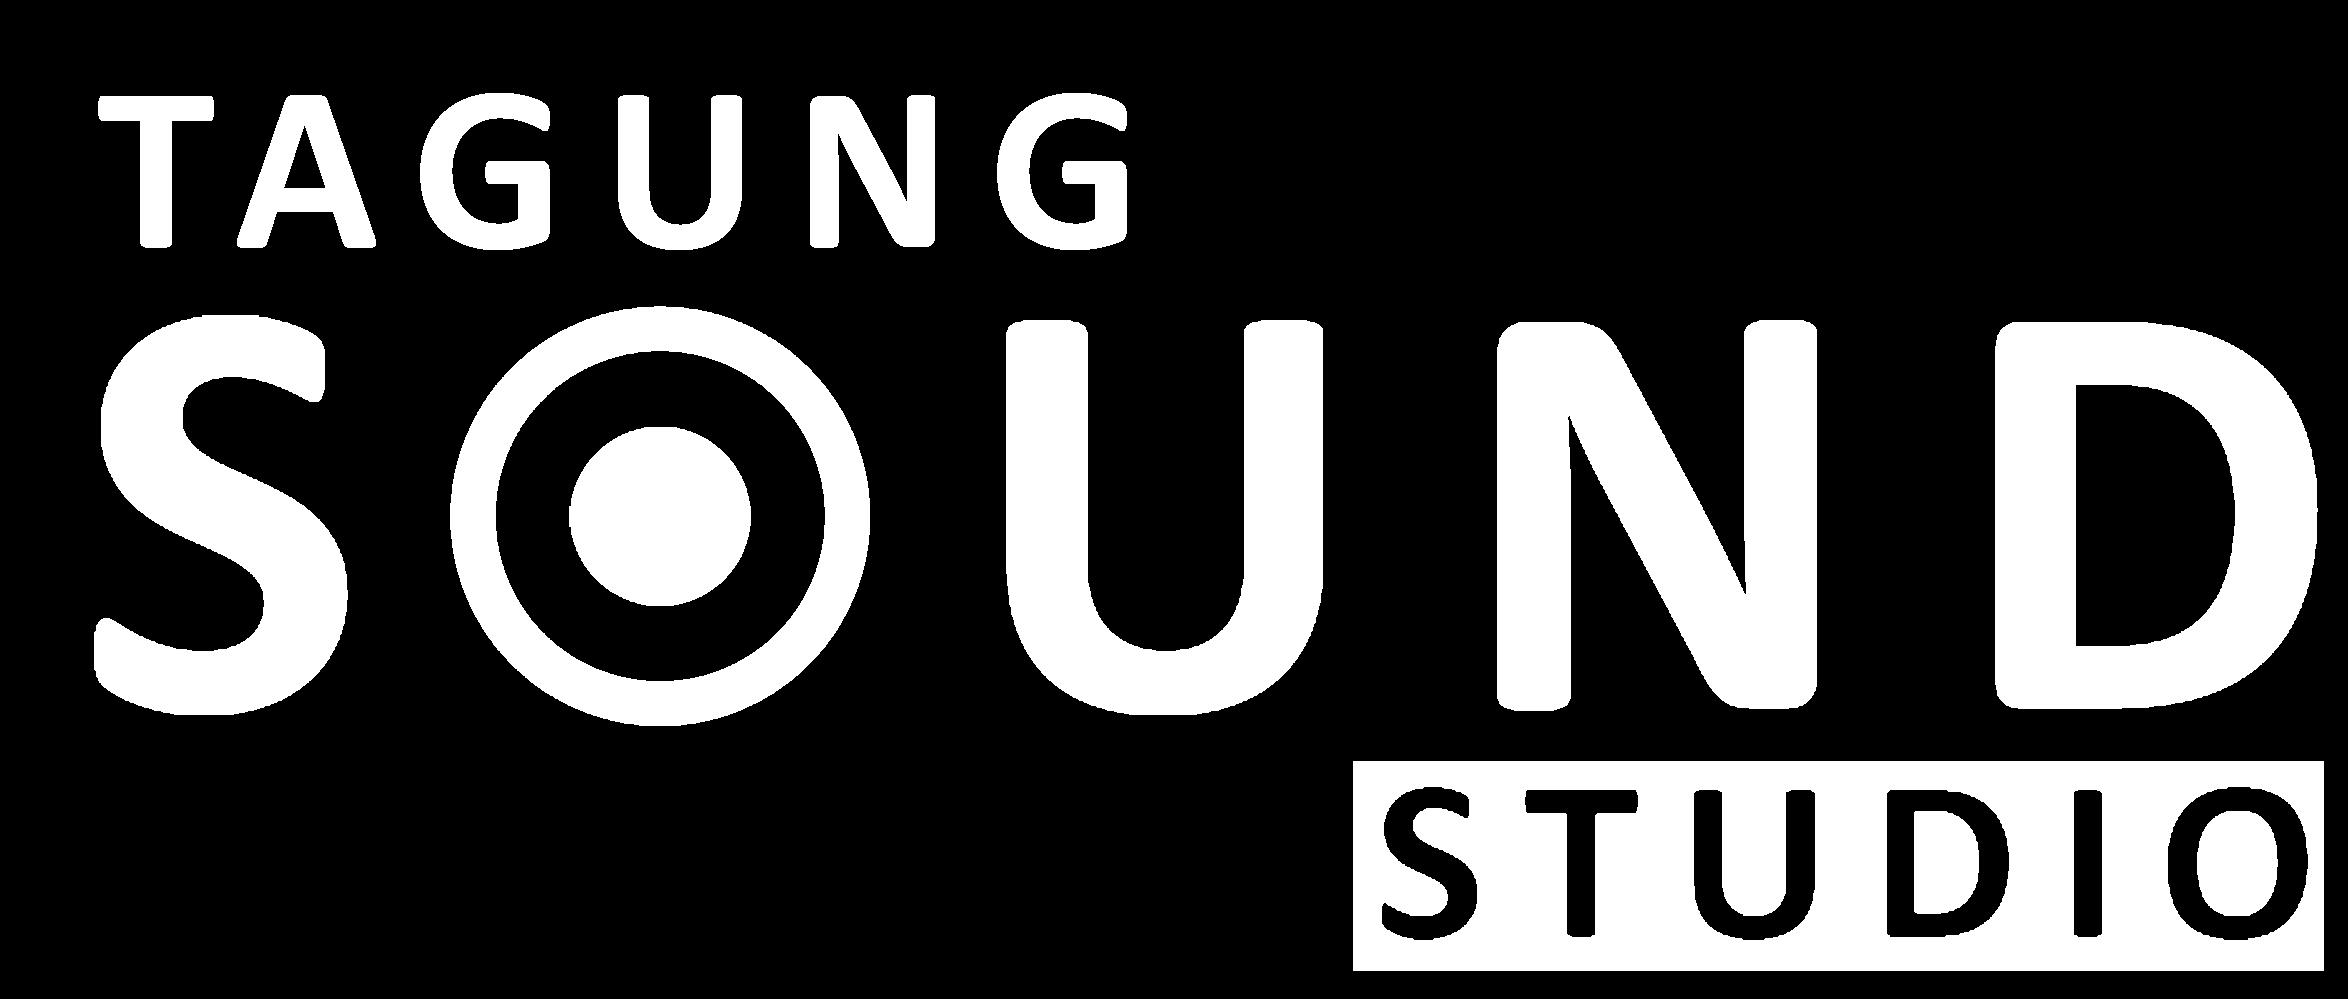 tagung sound studio png logo